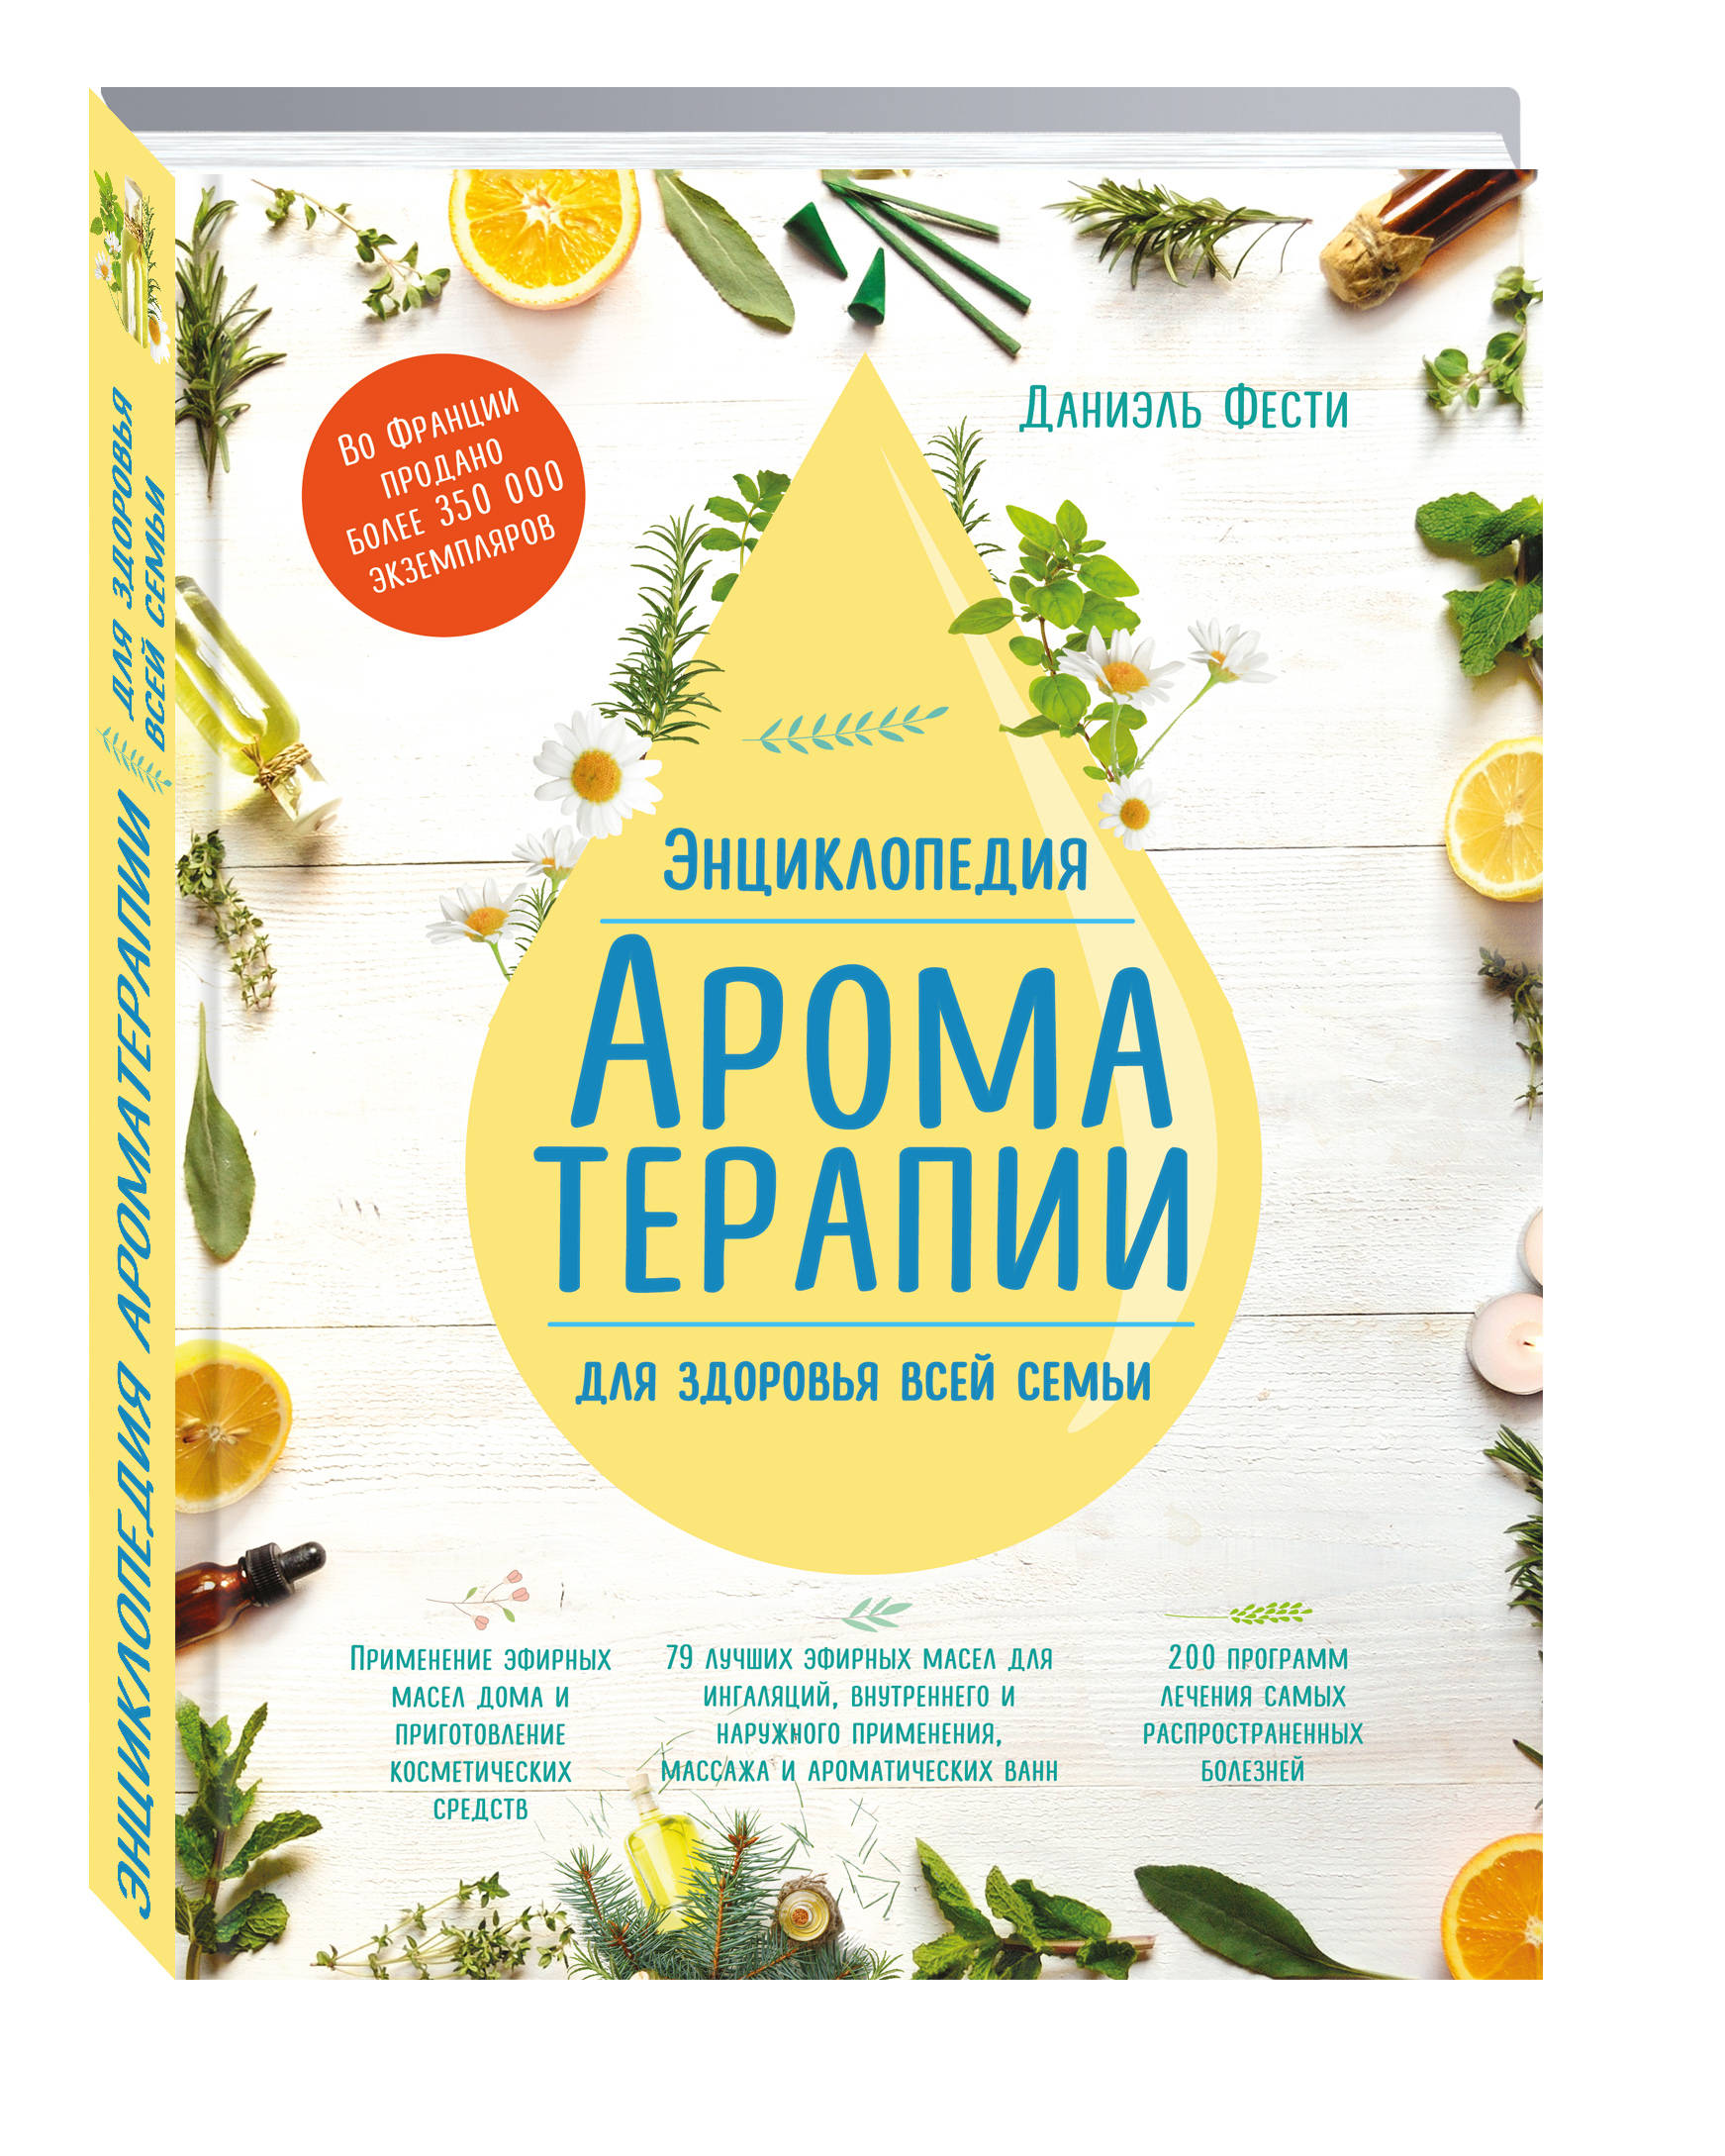 Даниэль Фести Энциклопедия ароматерапии. Для здоровья всей семьи